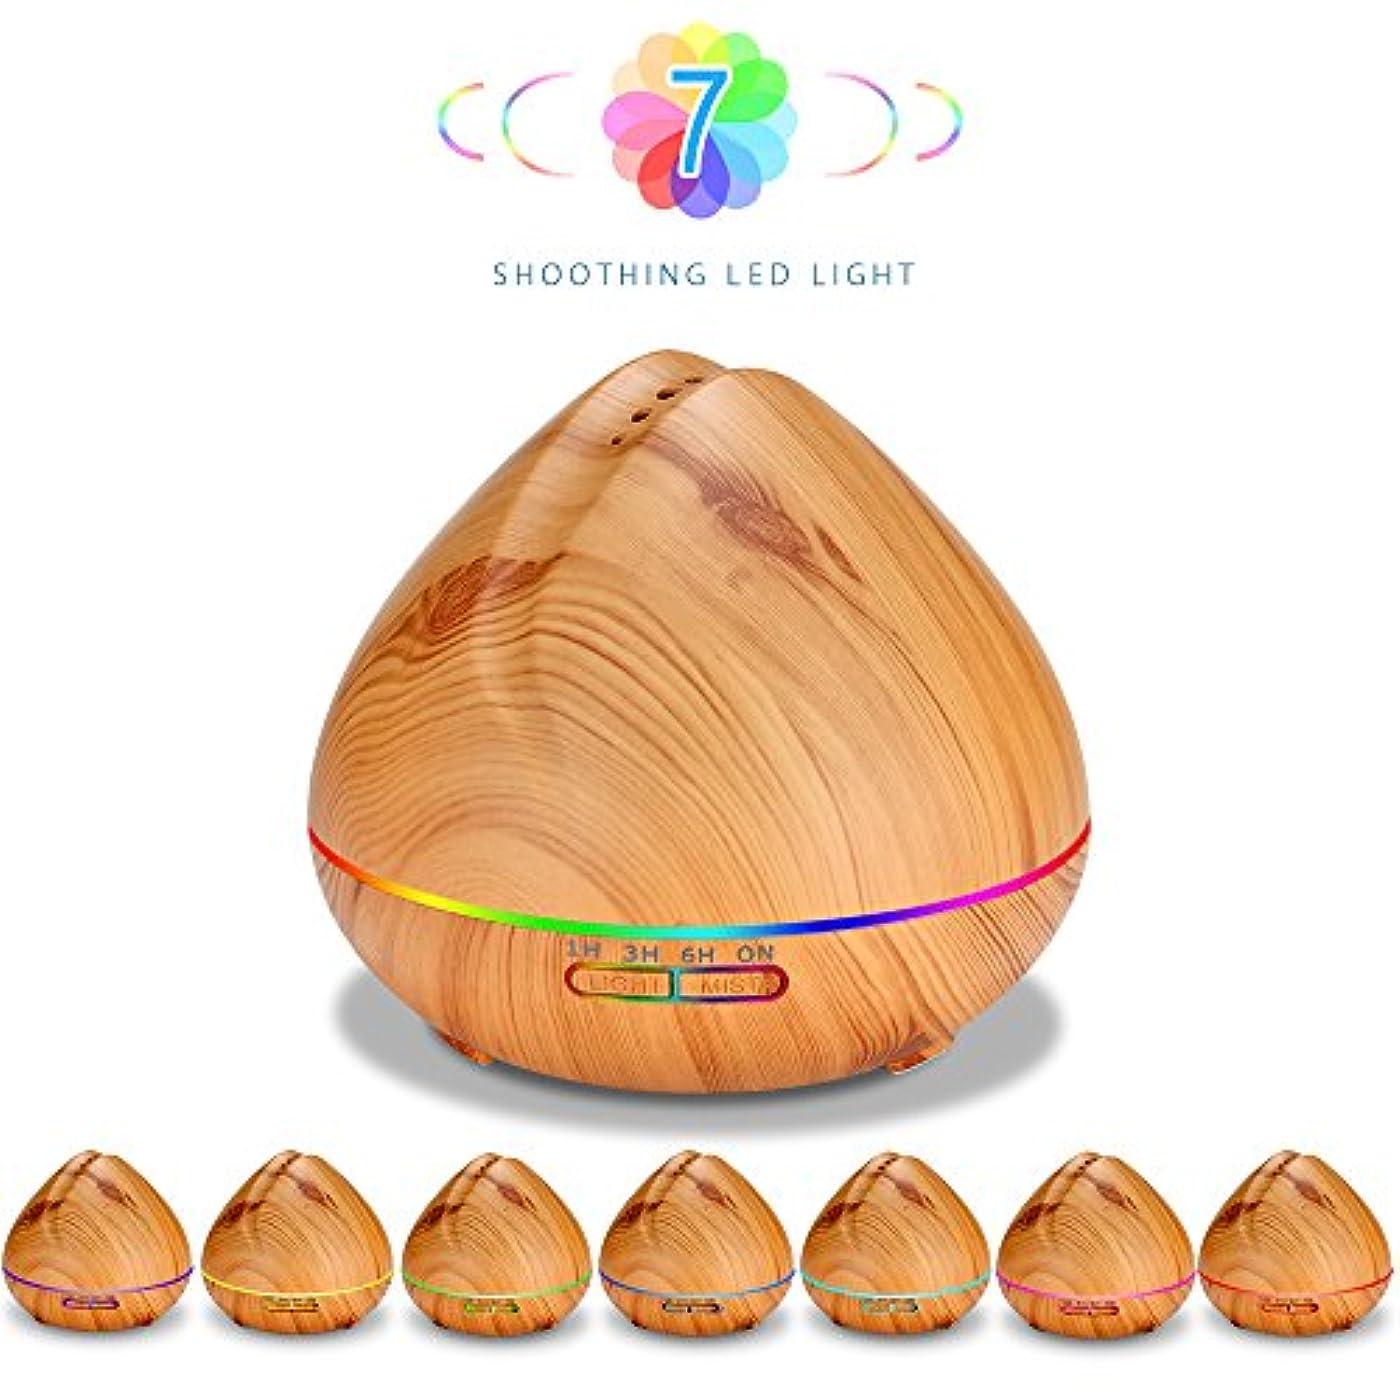 お香たとえ終了するRakuby 空気加湿器 クールミスト 超音波アロマ エッセンシャルオイル ディフューザー ウッドカラー 7色 ledライト用 オフィス ホームベッドルーム リビングルーム スタディヨガスパ - USプラグ